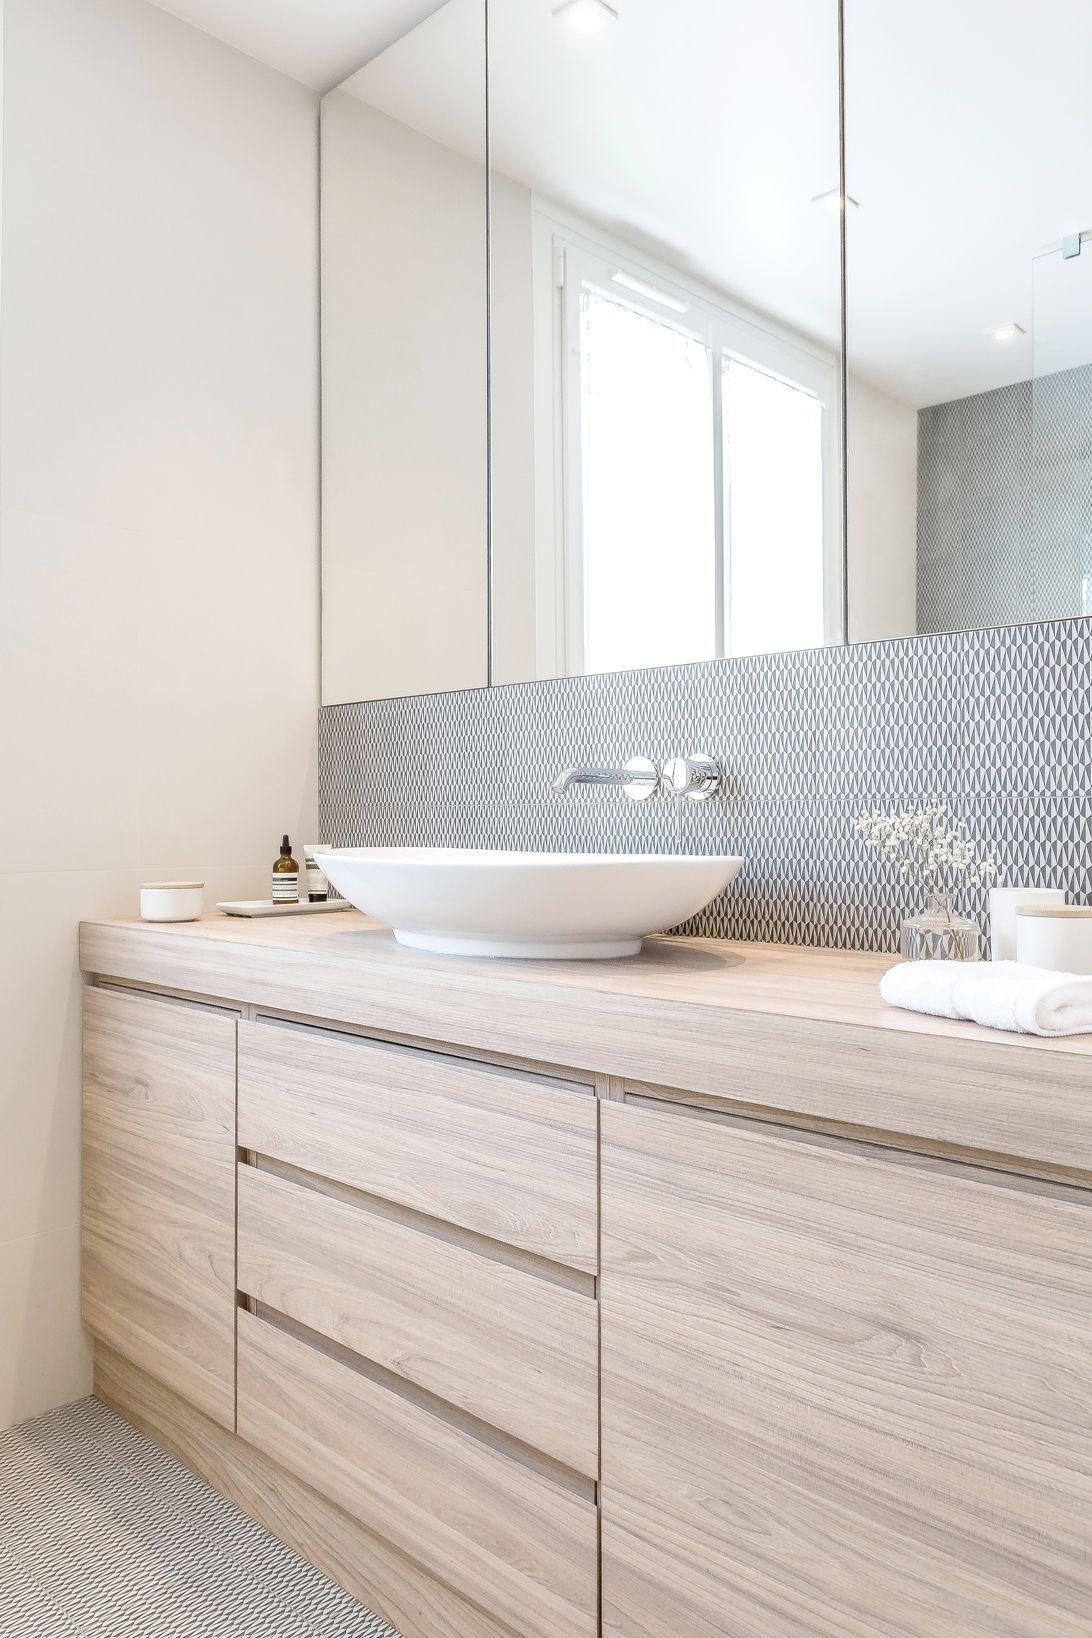 Best Kitchen Gallery: 6 Tips To Make Your Bathroom Renovation Look Amazing Modern of Bathroom Vanities Designs  on rachelxblog.com